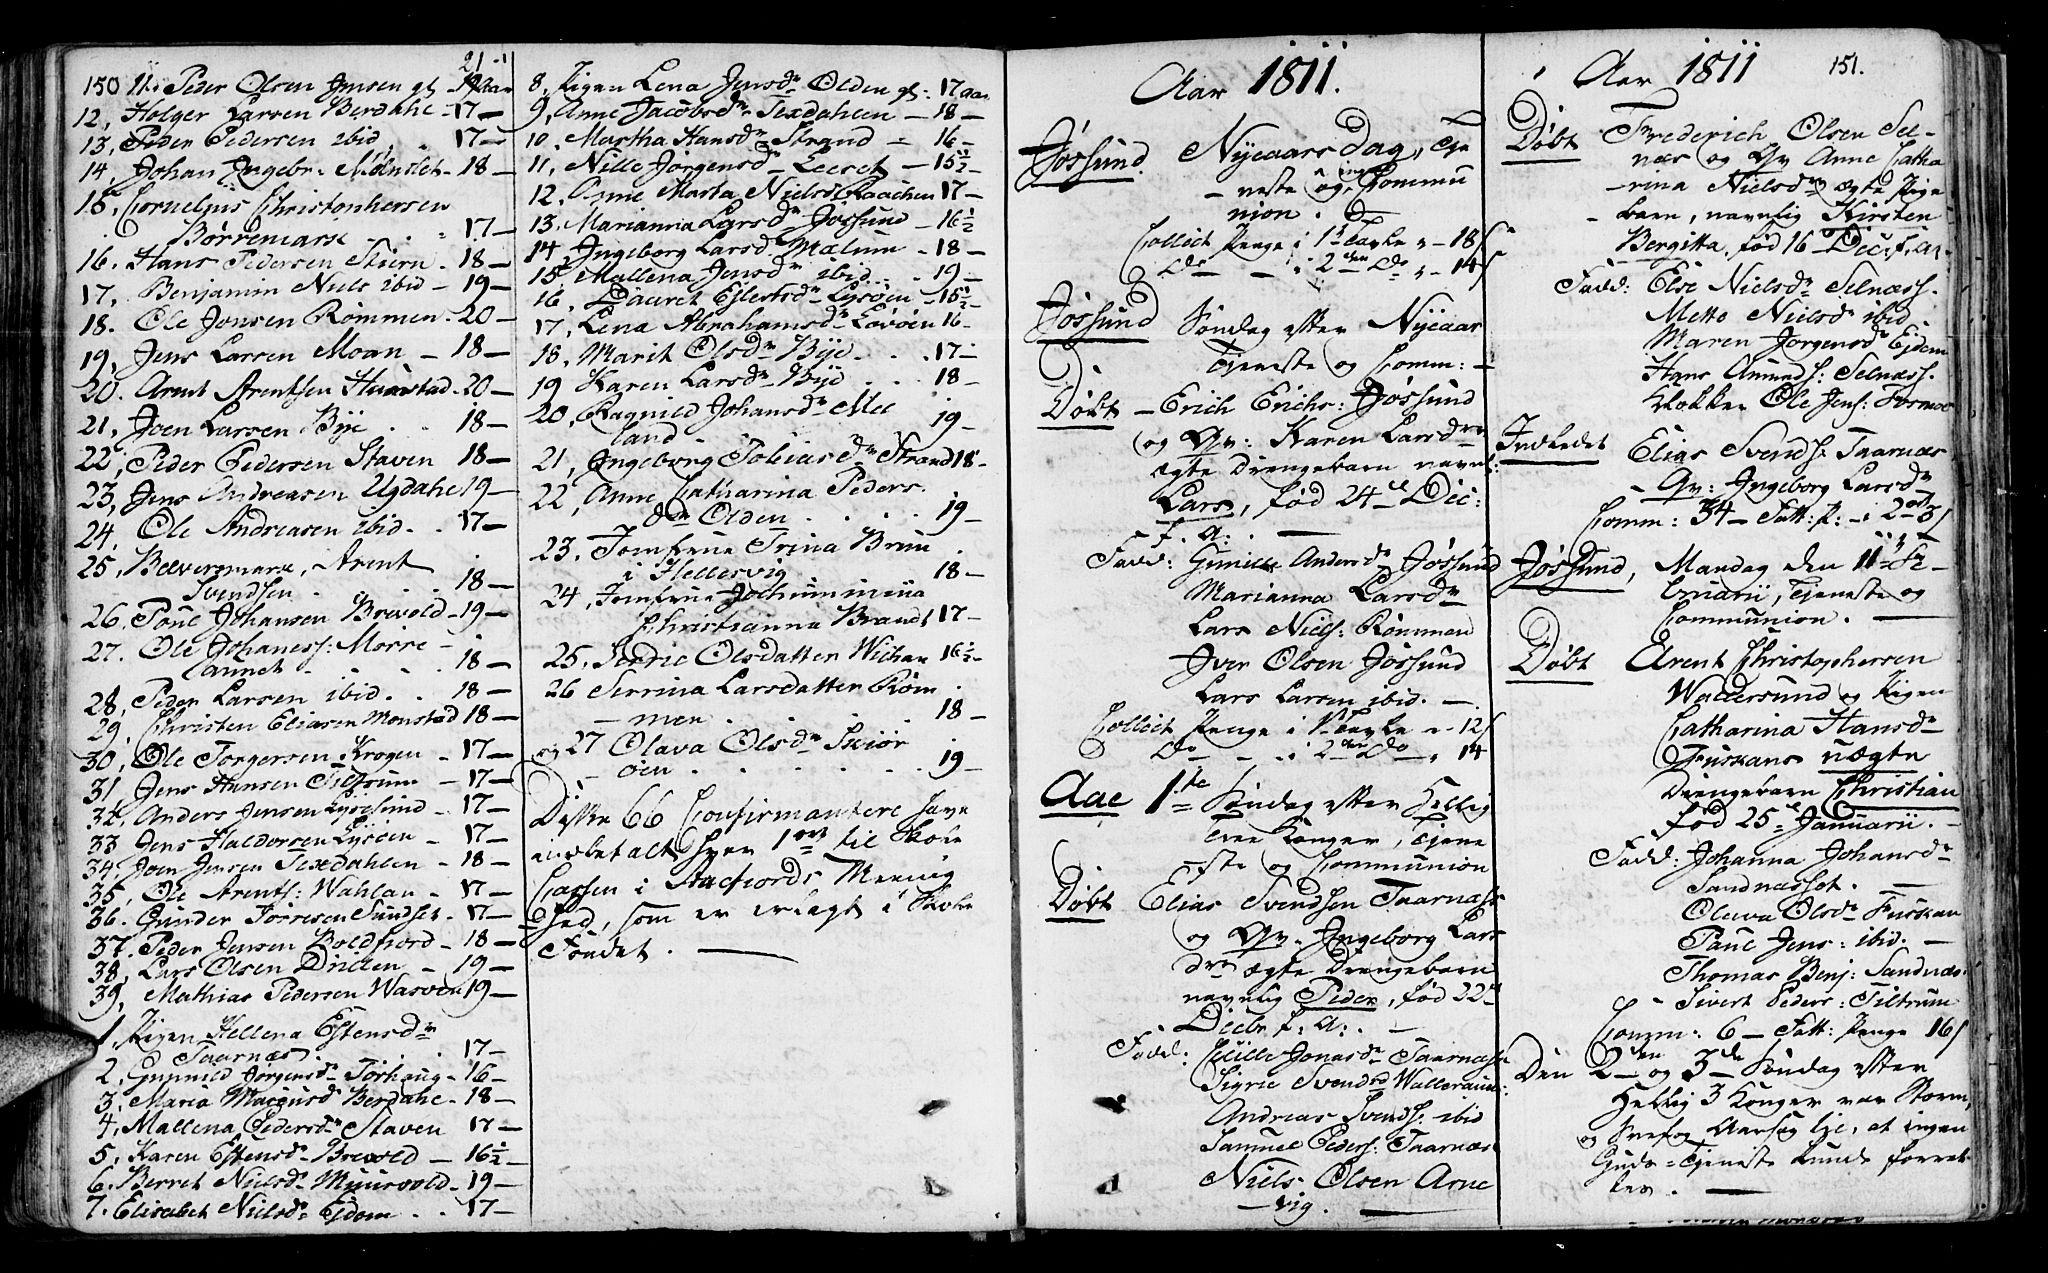 SAT, Ministerialprotokoller, klokkerbøker og fødselsregistre - Sør-Trøndelag, 655/L0674: Ministerialbok nr. 655A03, 1802-1826, s. 150-151